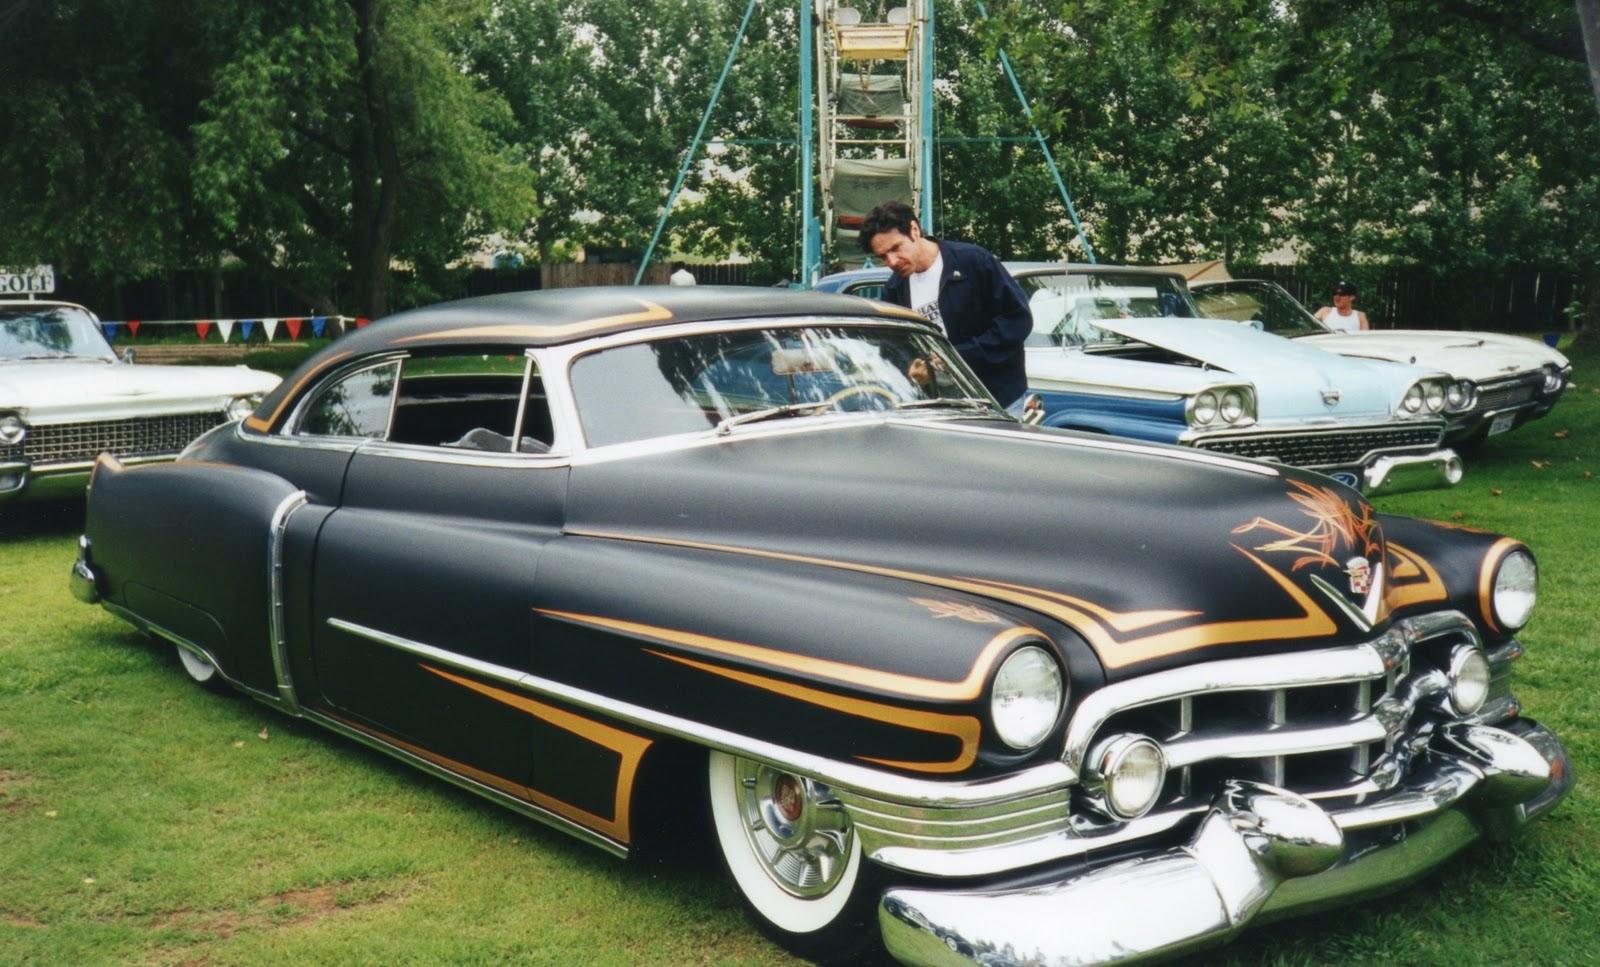 STYLISH KUSTOMS Some Of My Old Kustom Photos - Stylish classic cars